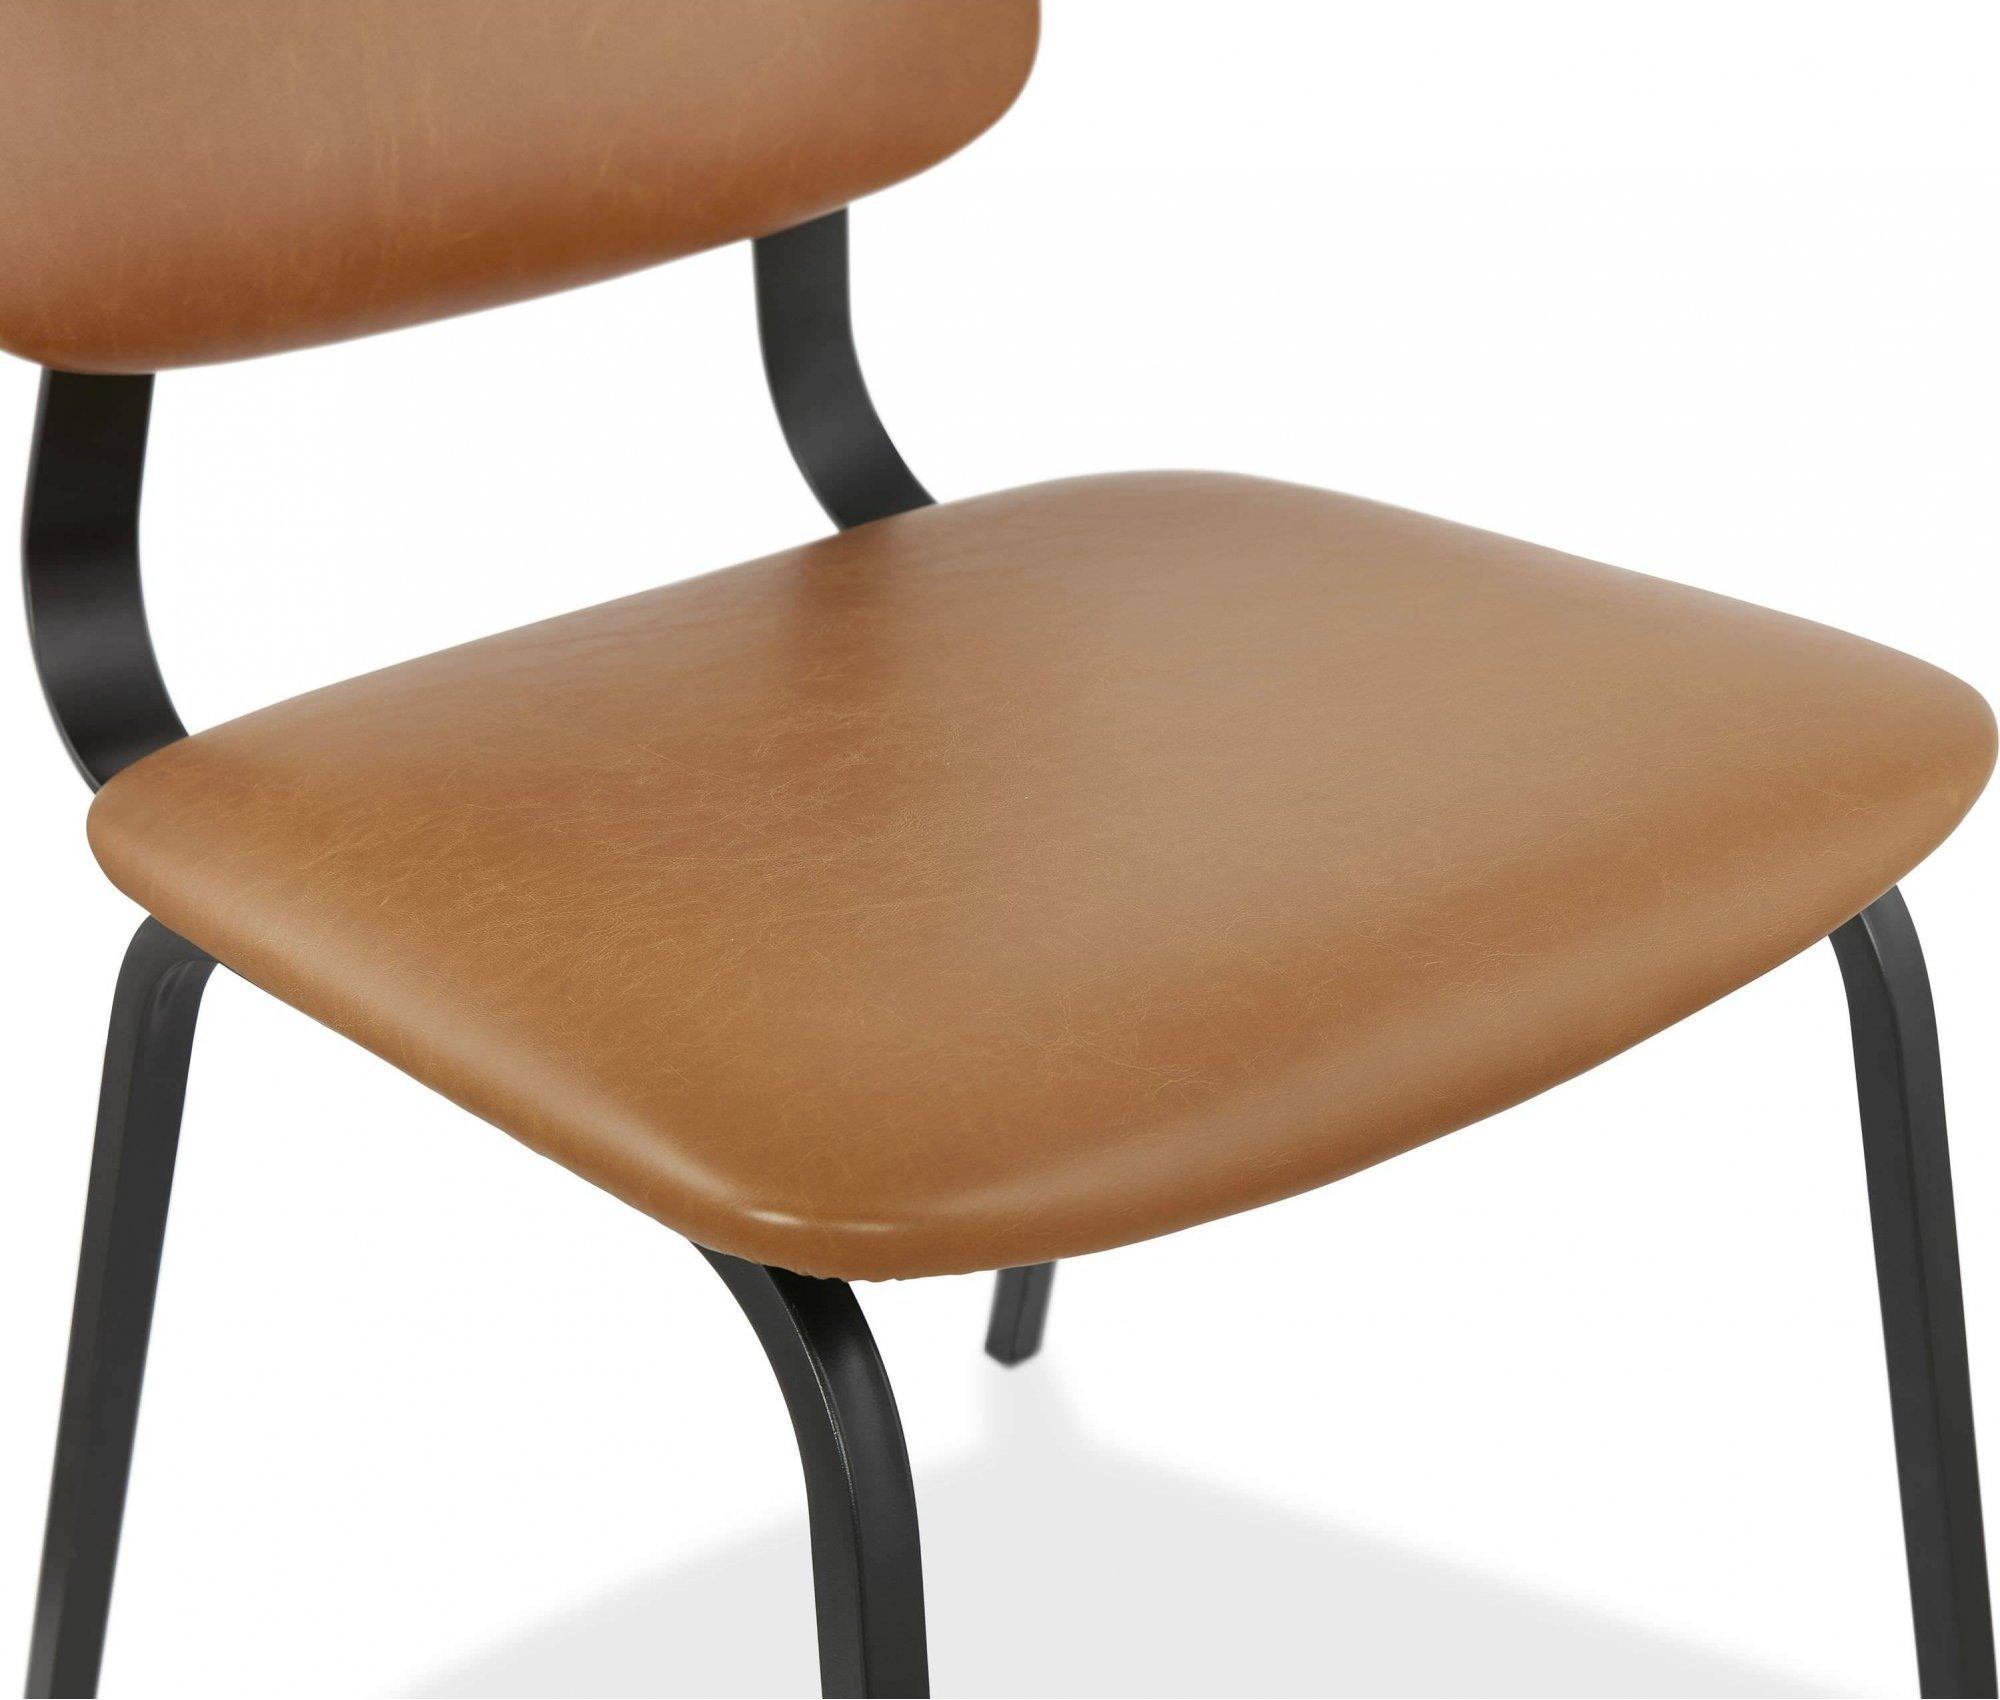 Chaise desig tradition assise rembourrée marron